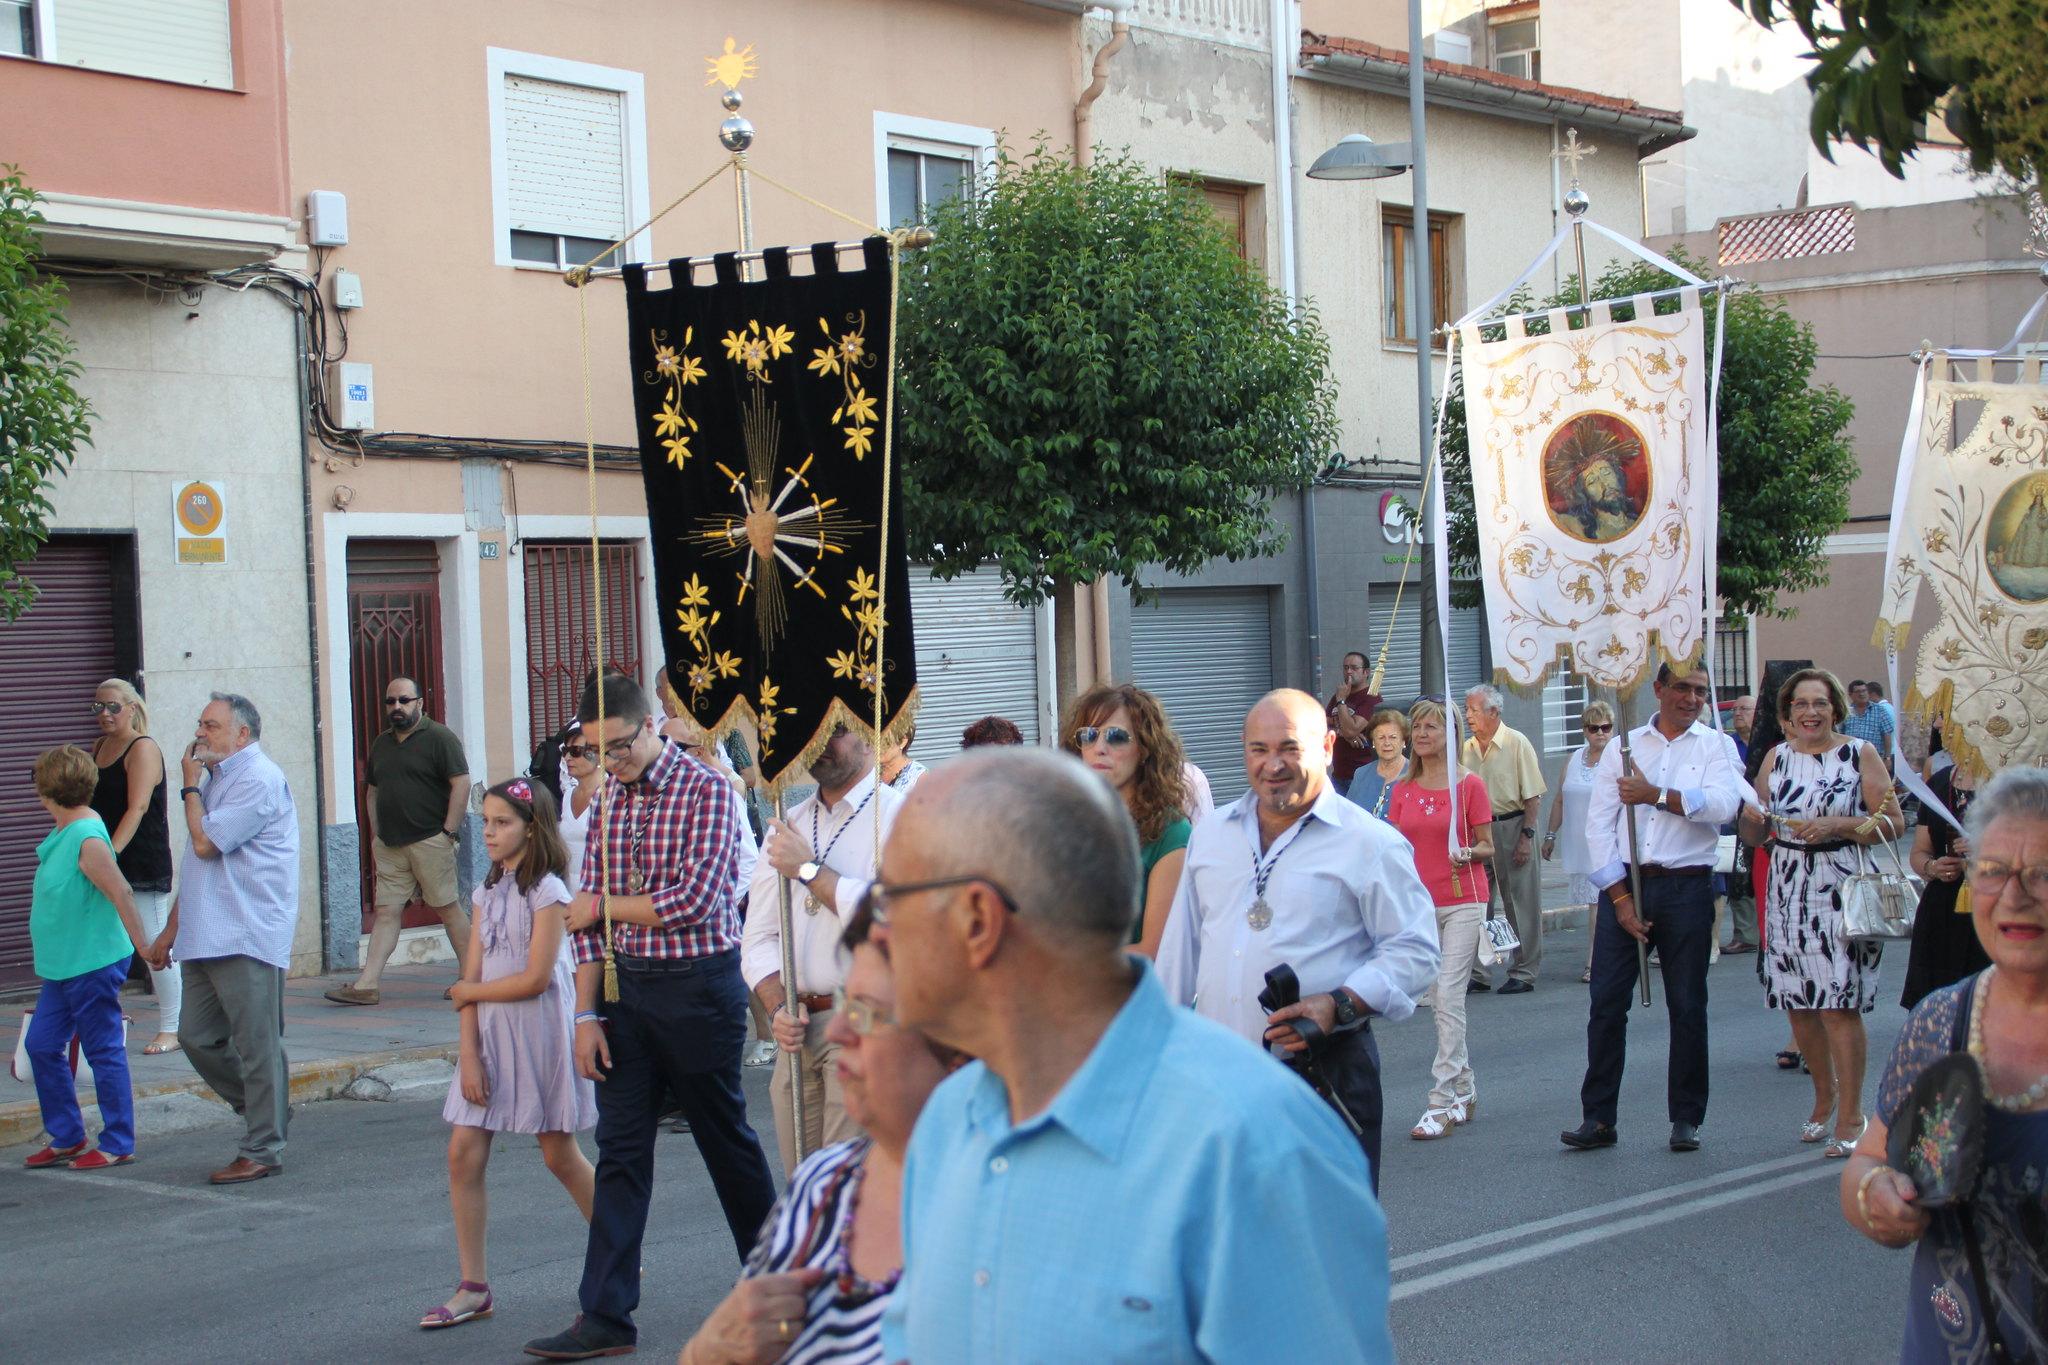 (2015-07-12) - Virgen del Carmen, parroquia La Santa Cruz - Javier Romero Ripoll (16)